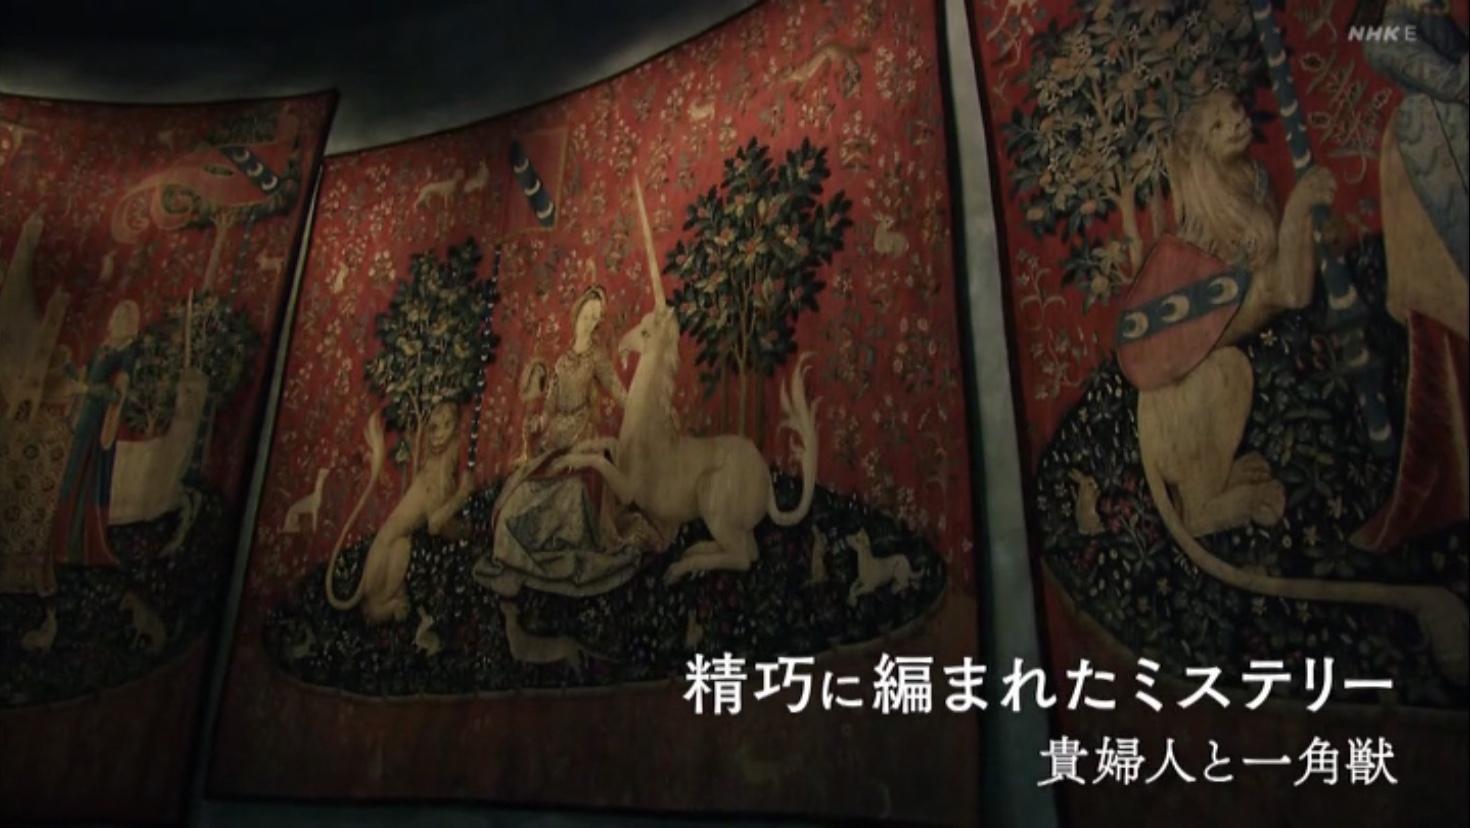 日曜美術館 西洋絵画傑作15選パート2 美術番組まとめ Masaya S Art Press